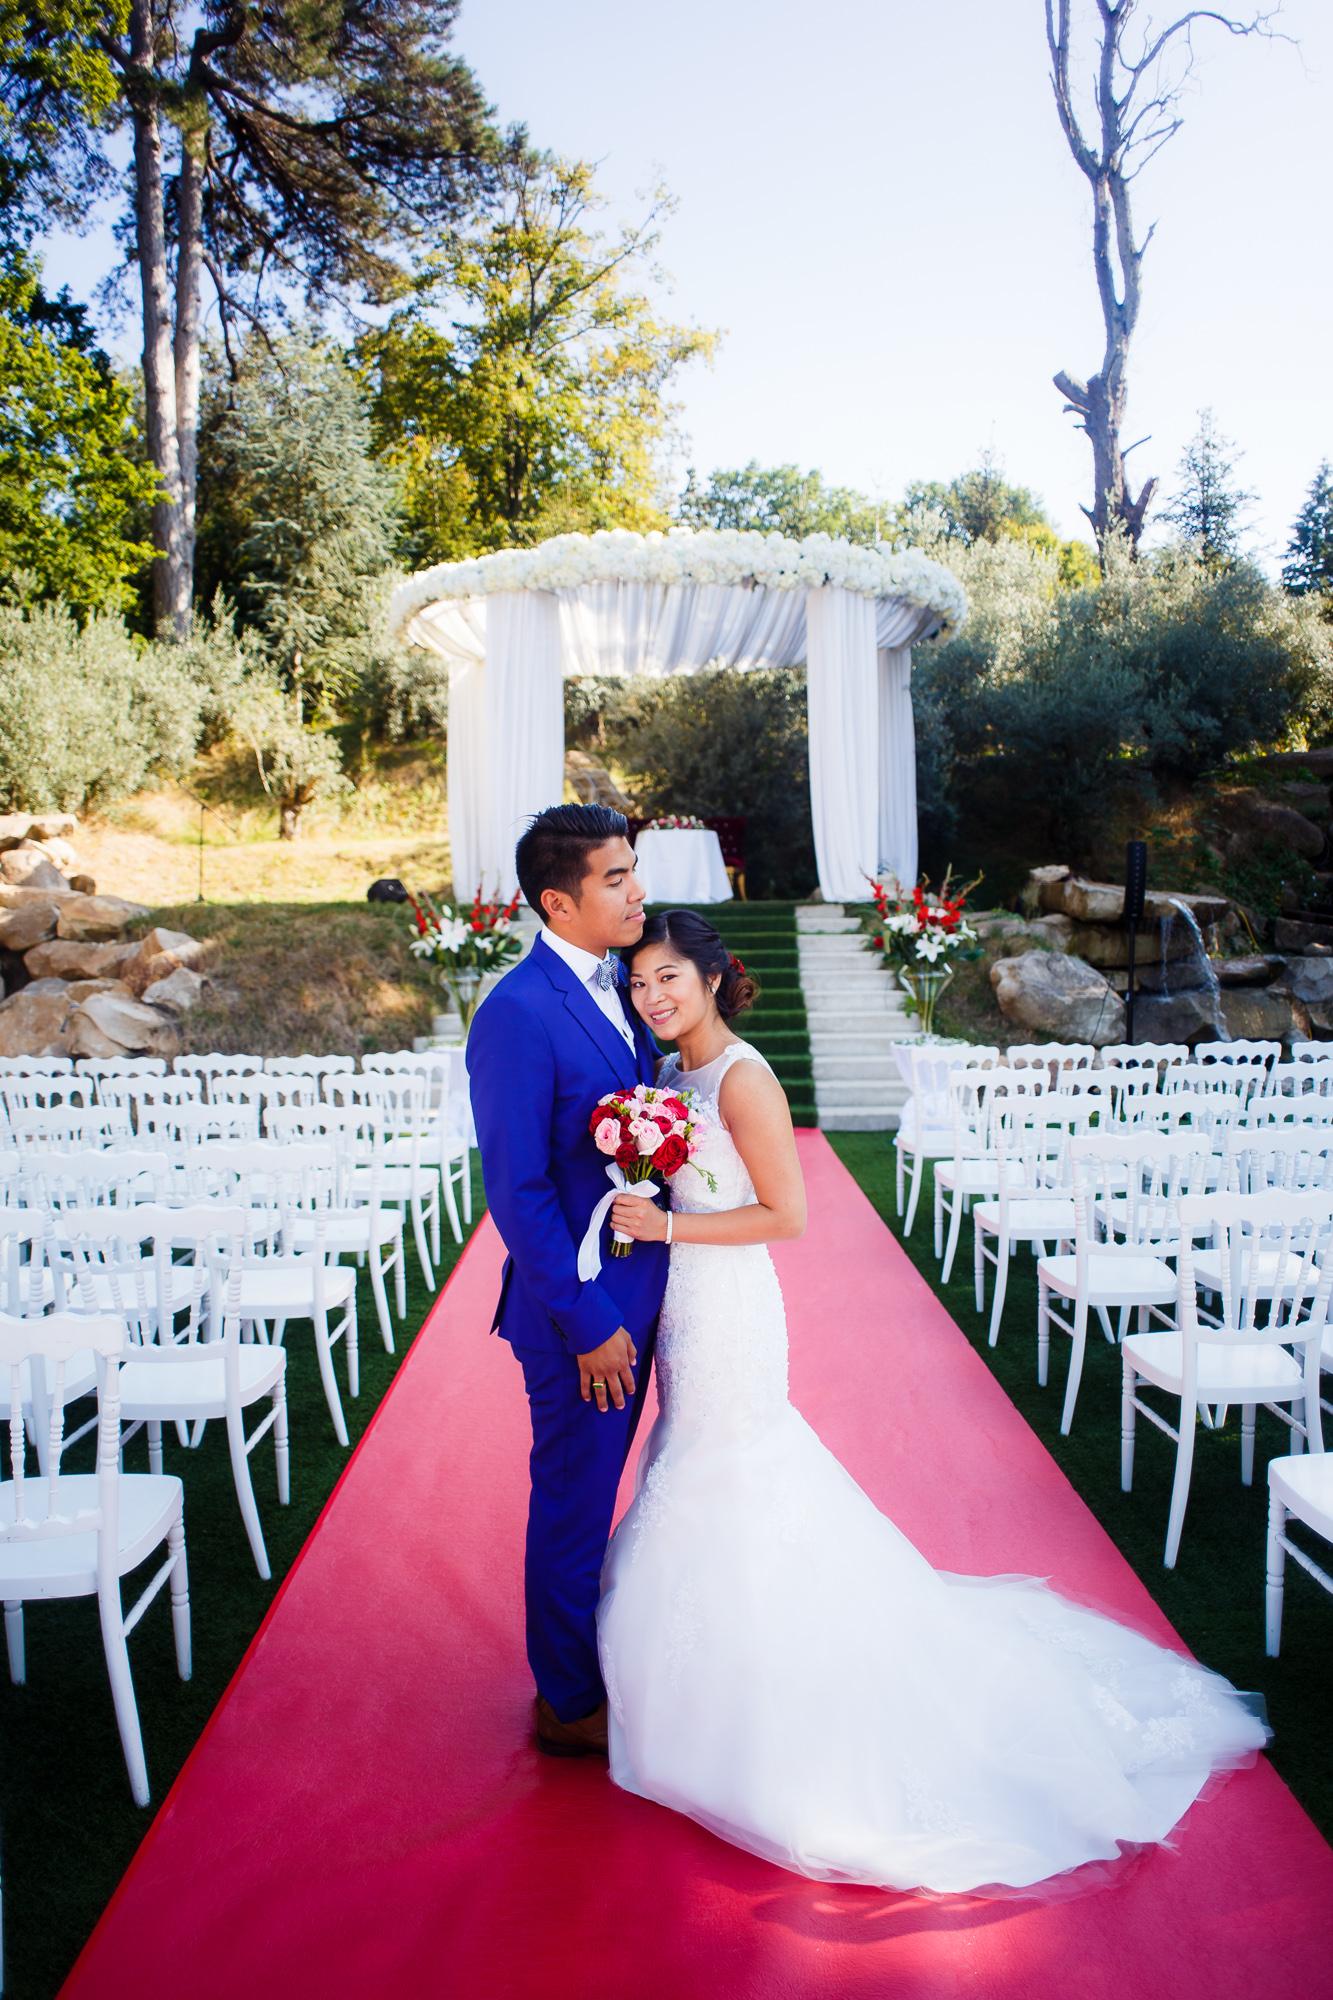 Mariage au Manoir des Cygnes Photo de couple manoir